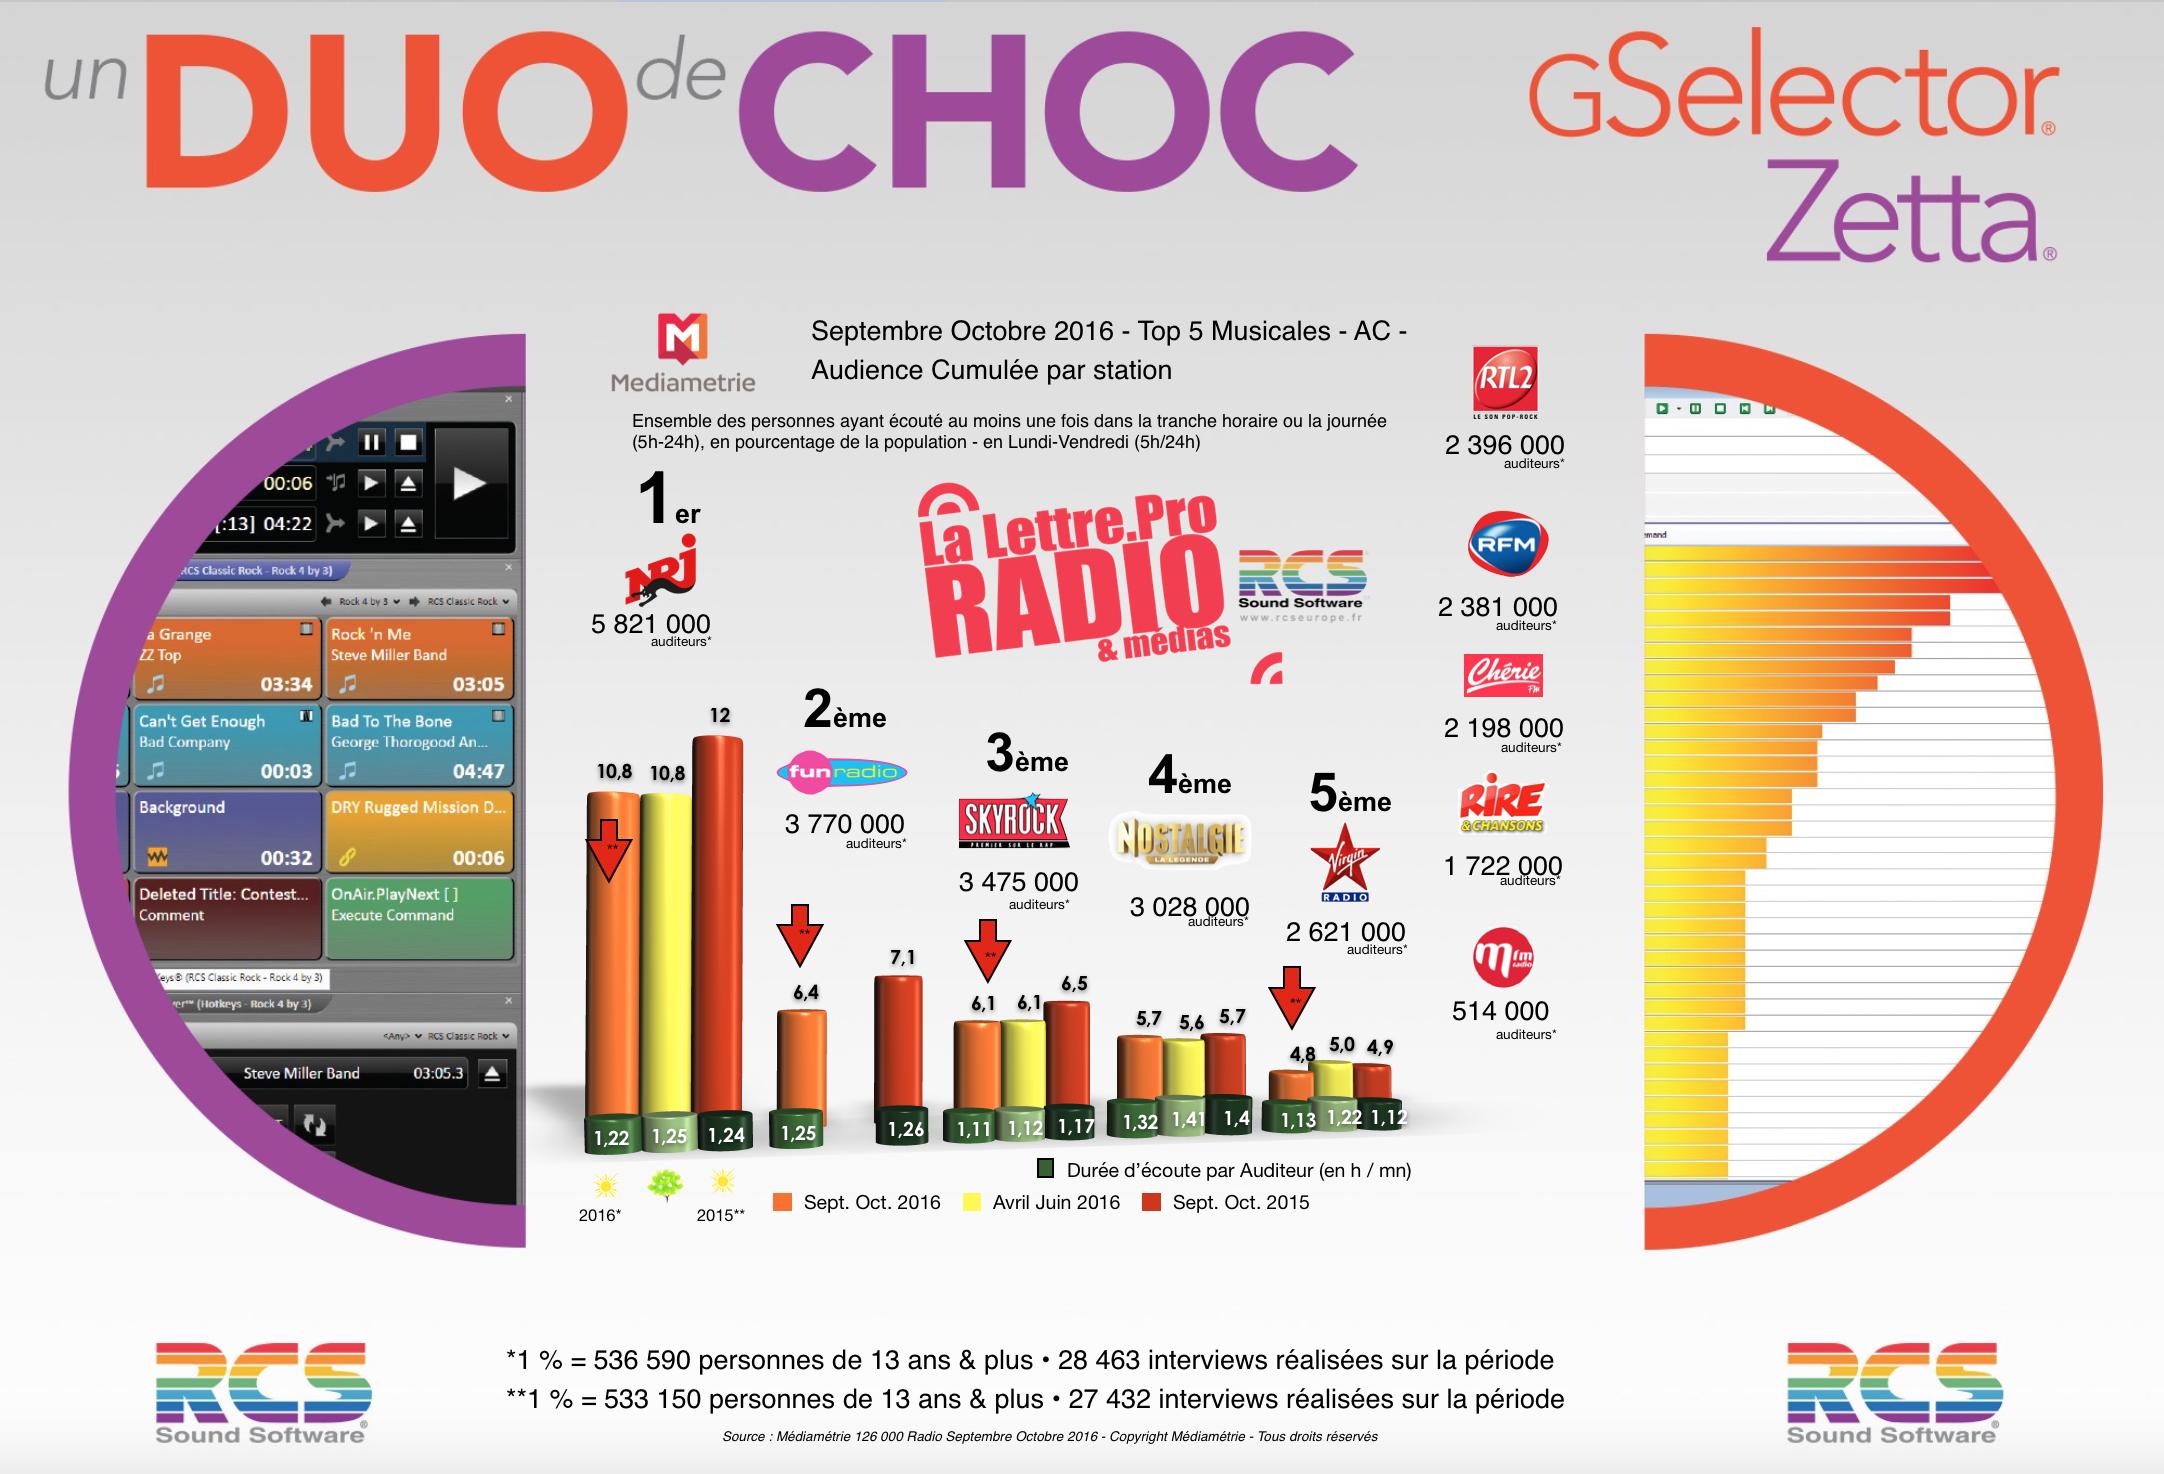 Diagramme exclusif LLP/RCS GSelector 4 - TOP 5 radios Musicales en Lundi-Vendredi - 126 000 Septembre-Octobre 2016